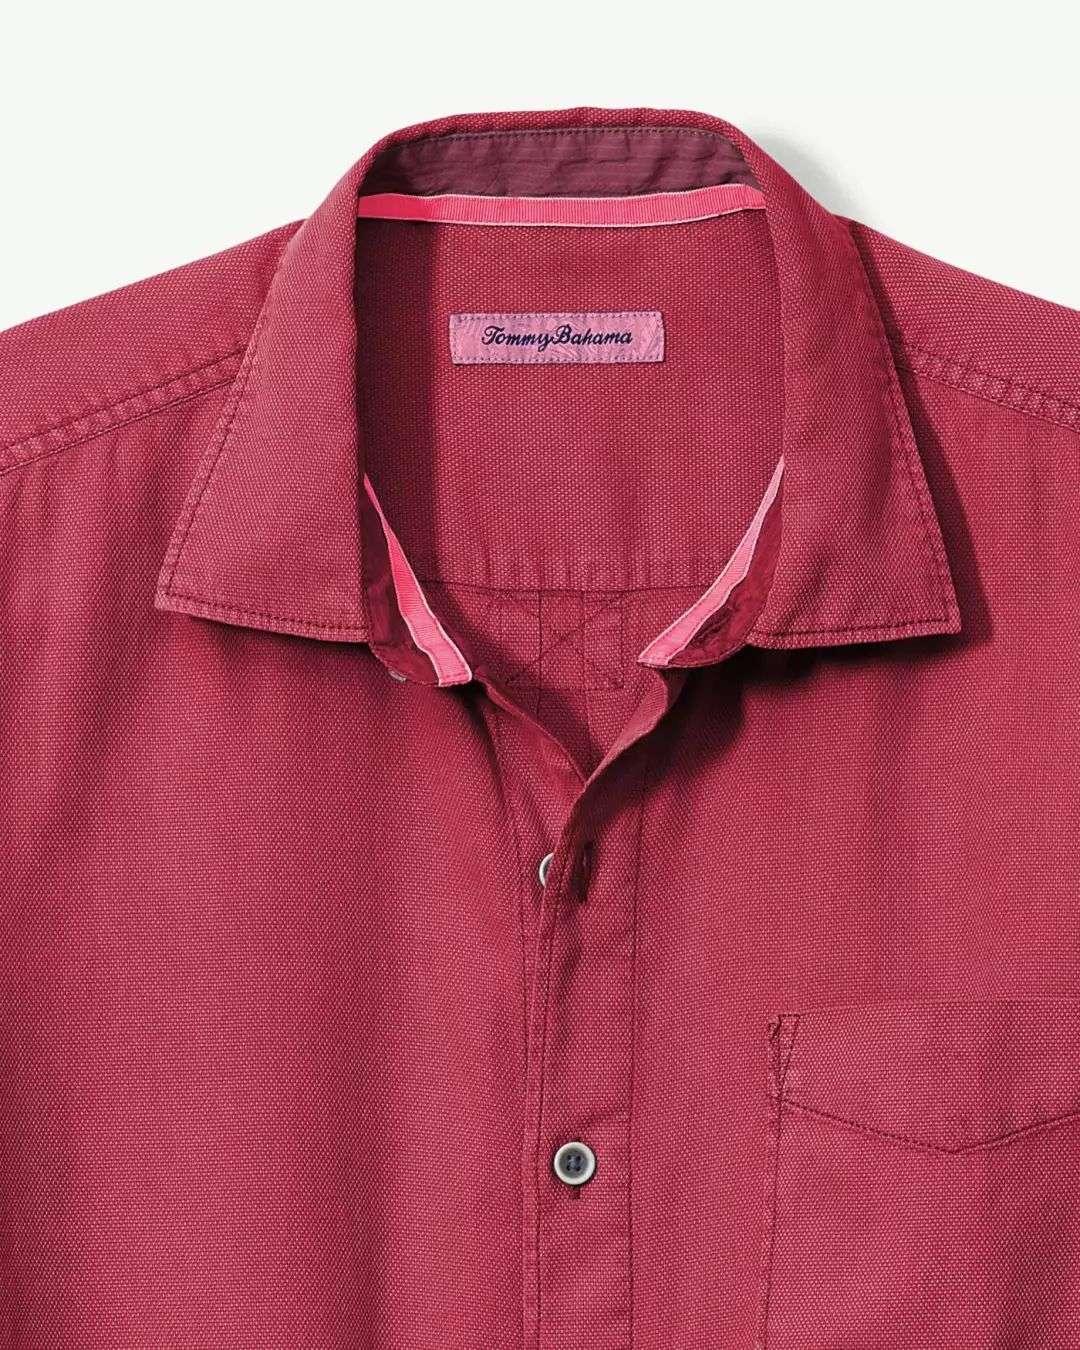 Dobby Dylan 纯色衬衫